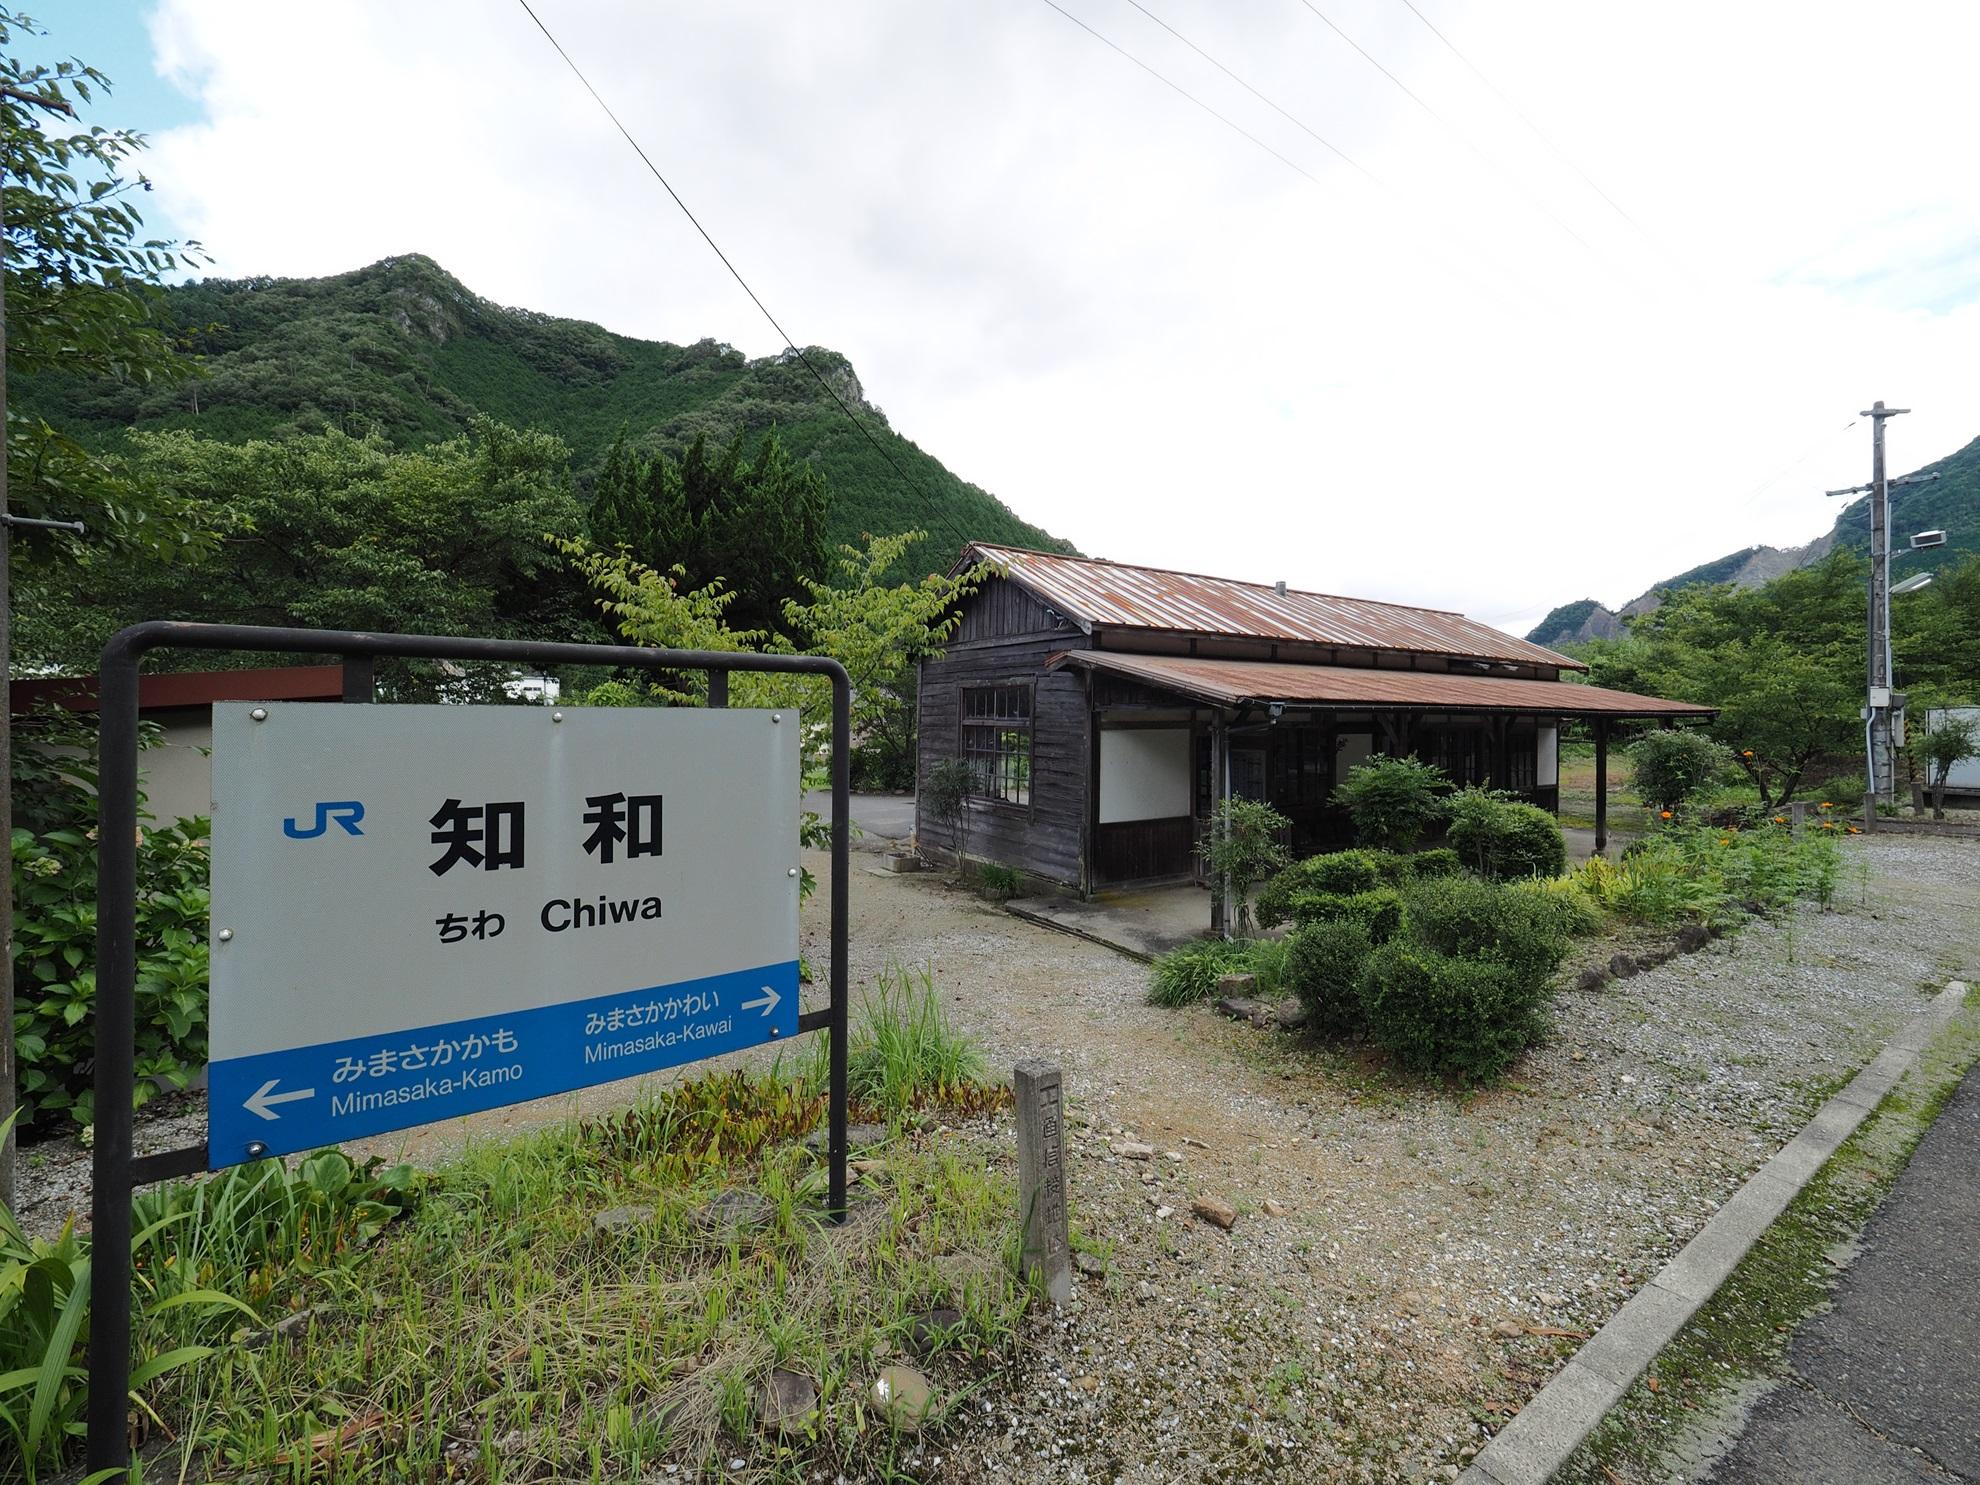 知和駅 駅名標